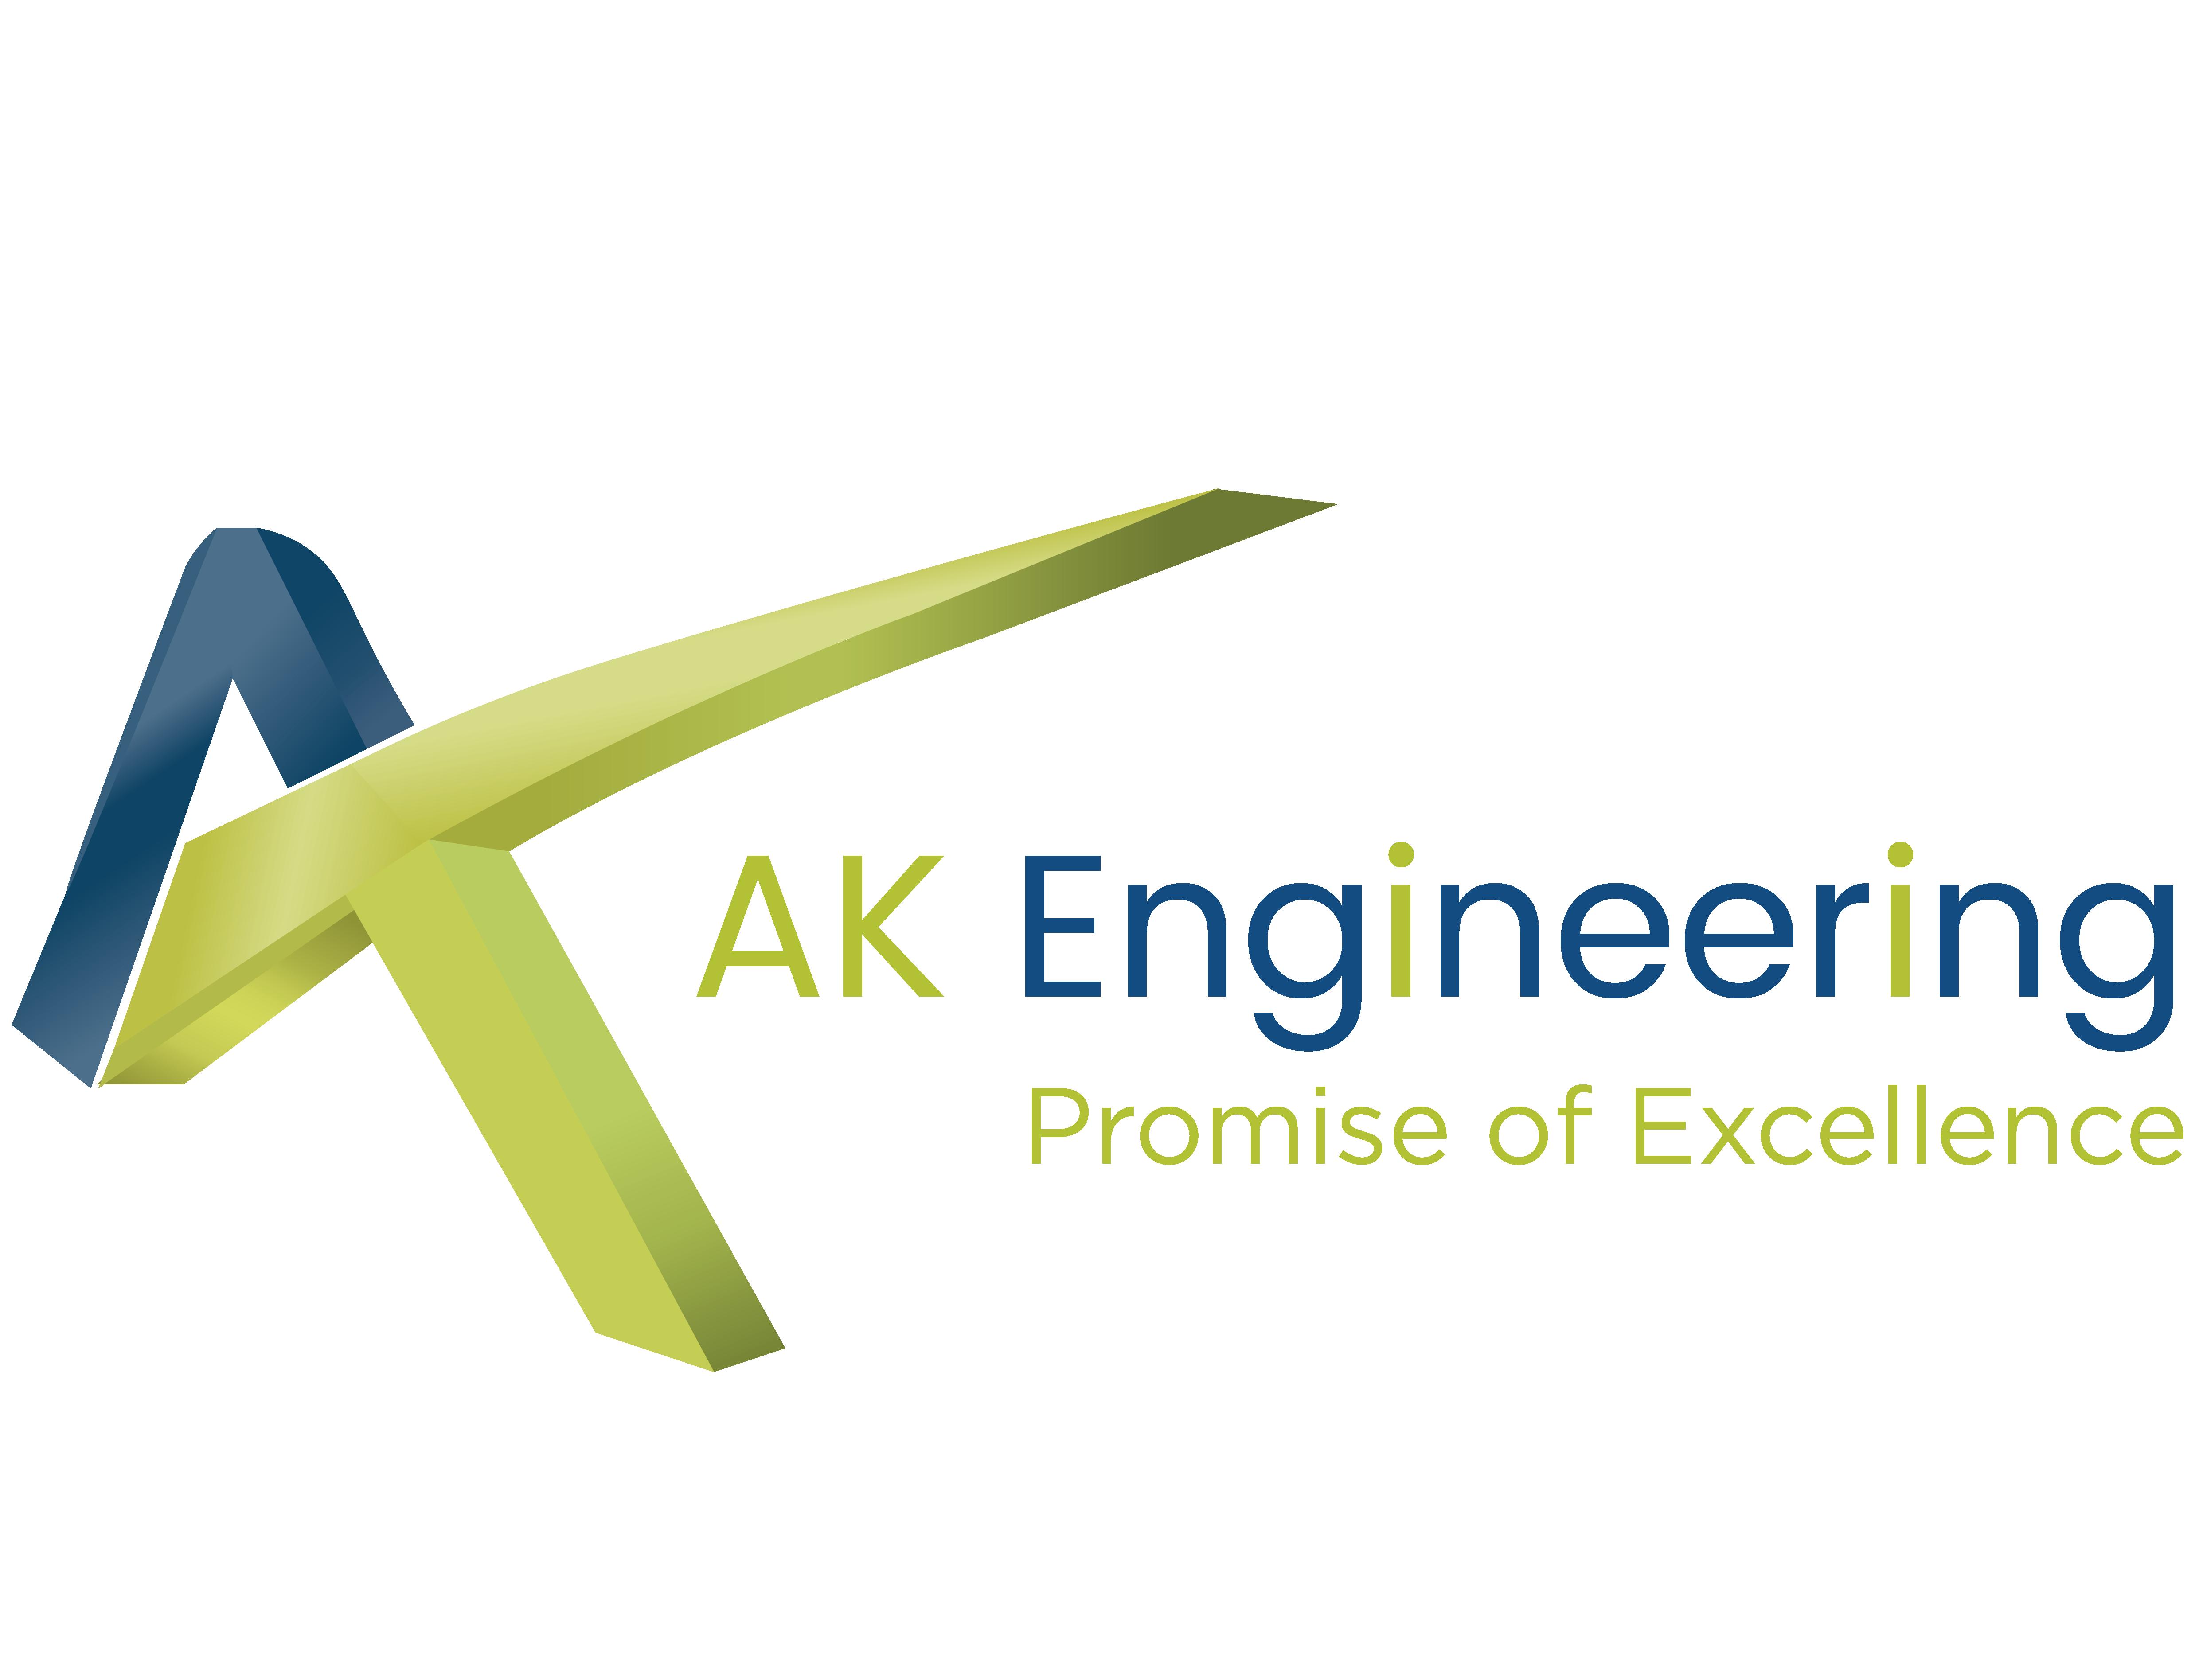 AK ENGINEERING